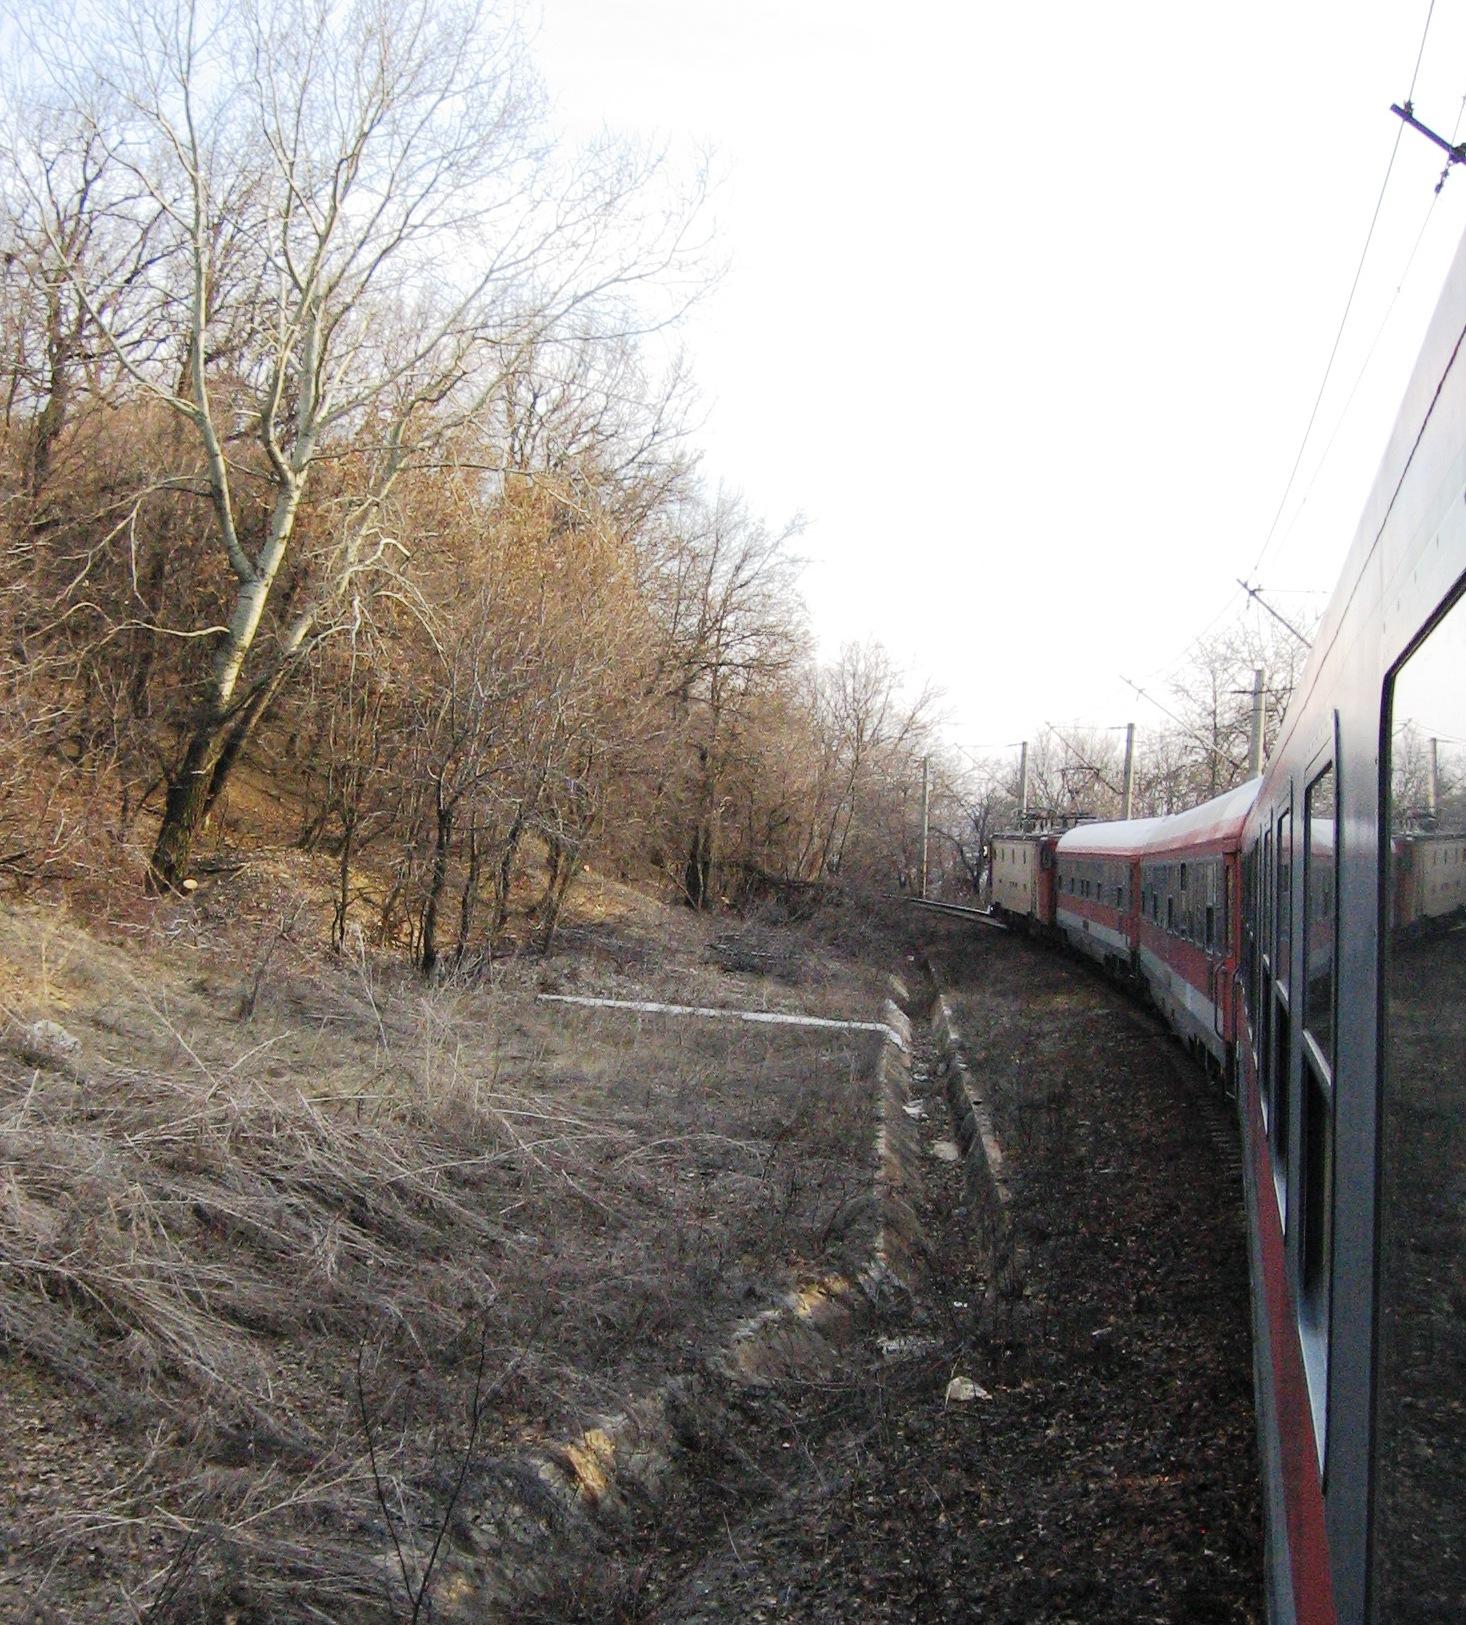 Glasul roților de tren